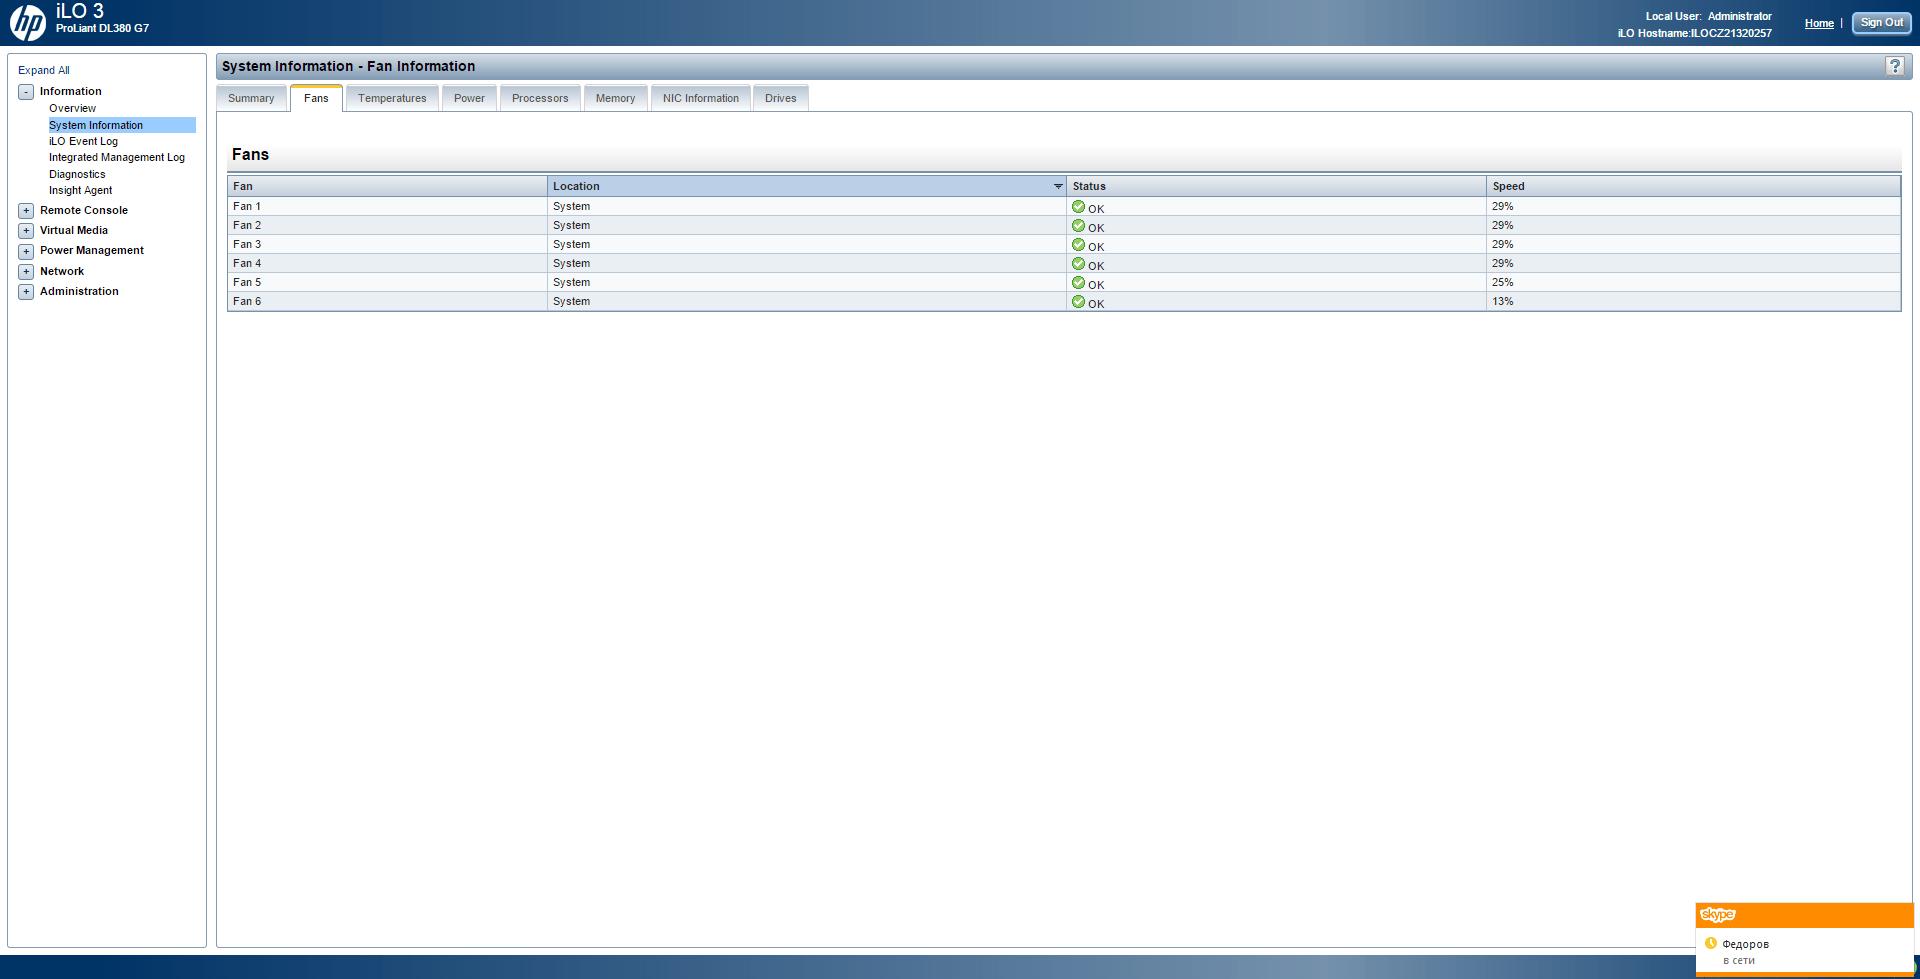 Обзор параметров ILO 3 в HP dl380 g7-04